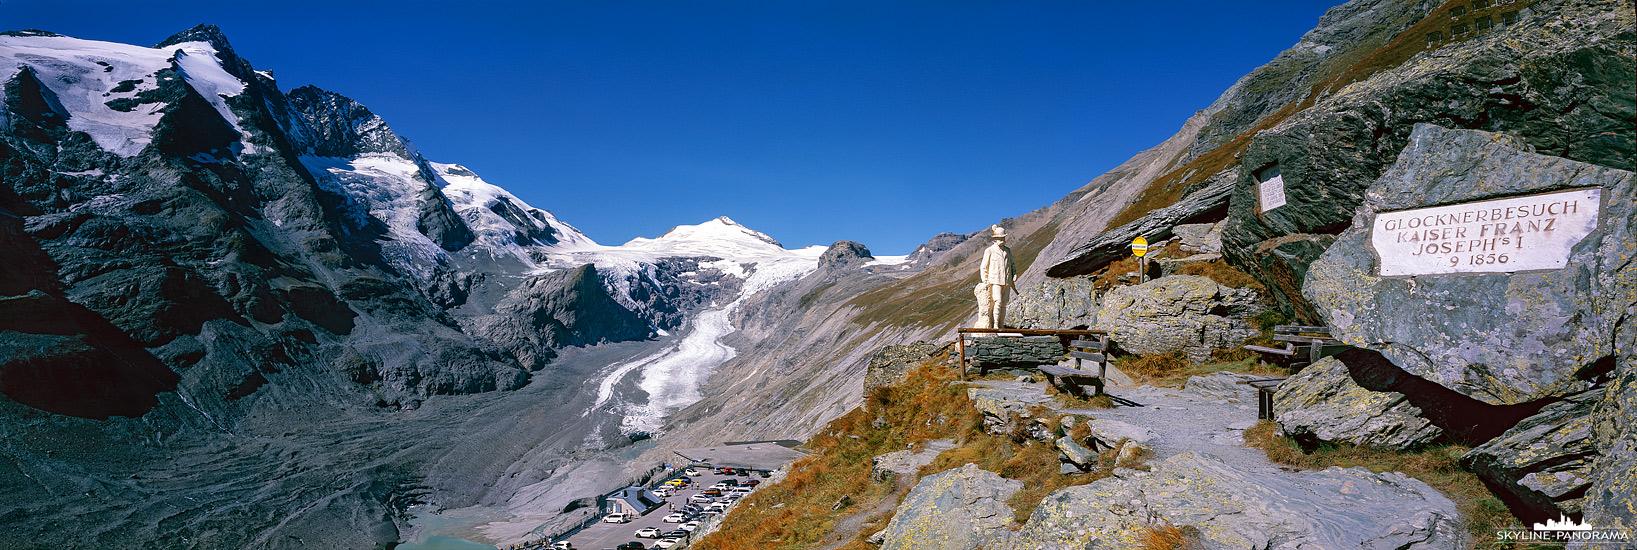 Dieses Panorama entstand am Besucherzentrum der Kaiser-Franz-Josefs-Höhe. Es zeigt den Ausblick auf Österreichs höchsten Gipfel, dem Großglockner und auf die Pasterze, welche ebenfalls der größte Gletscher des Landes ist. Am rechten Bildrand ist die Statue zur Erinnerung anlässlich des Besuches von Kaiser-Franz-Josef im September 1856 zu sehen.